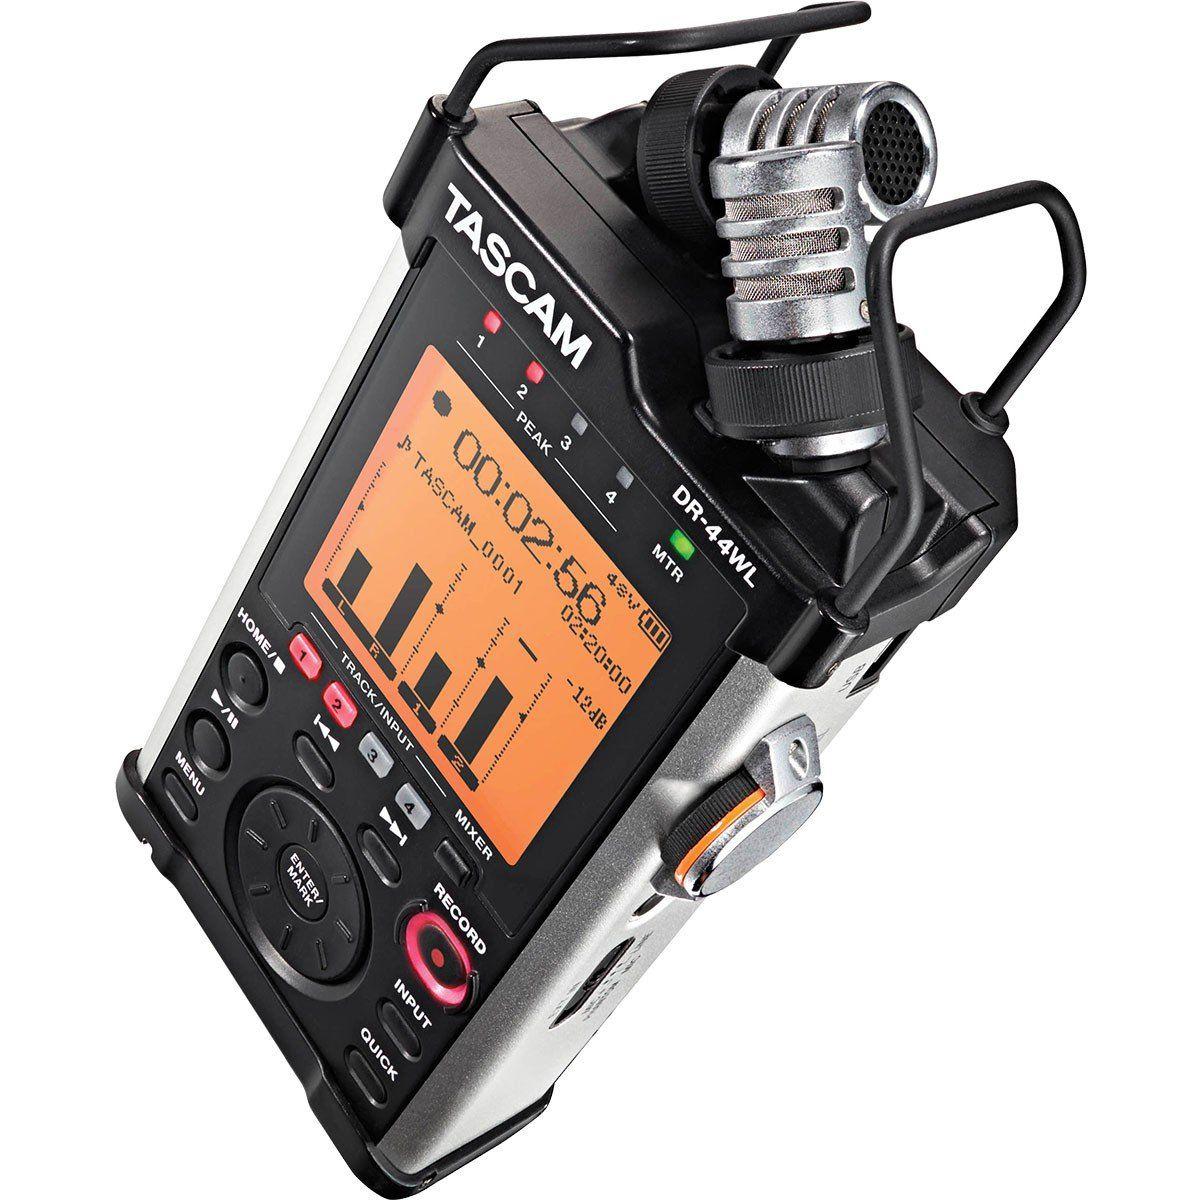 Tascam DR-44 WL Gravador Digital Tascam DR 44 WL Cardioide